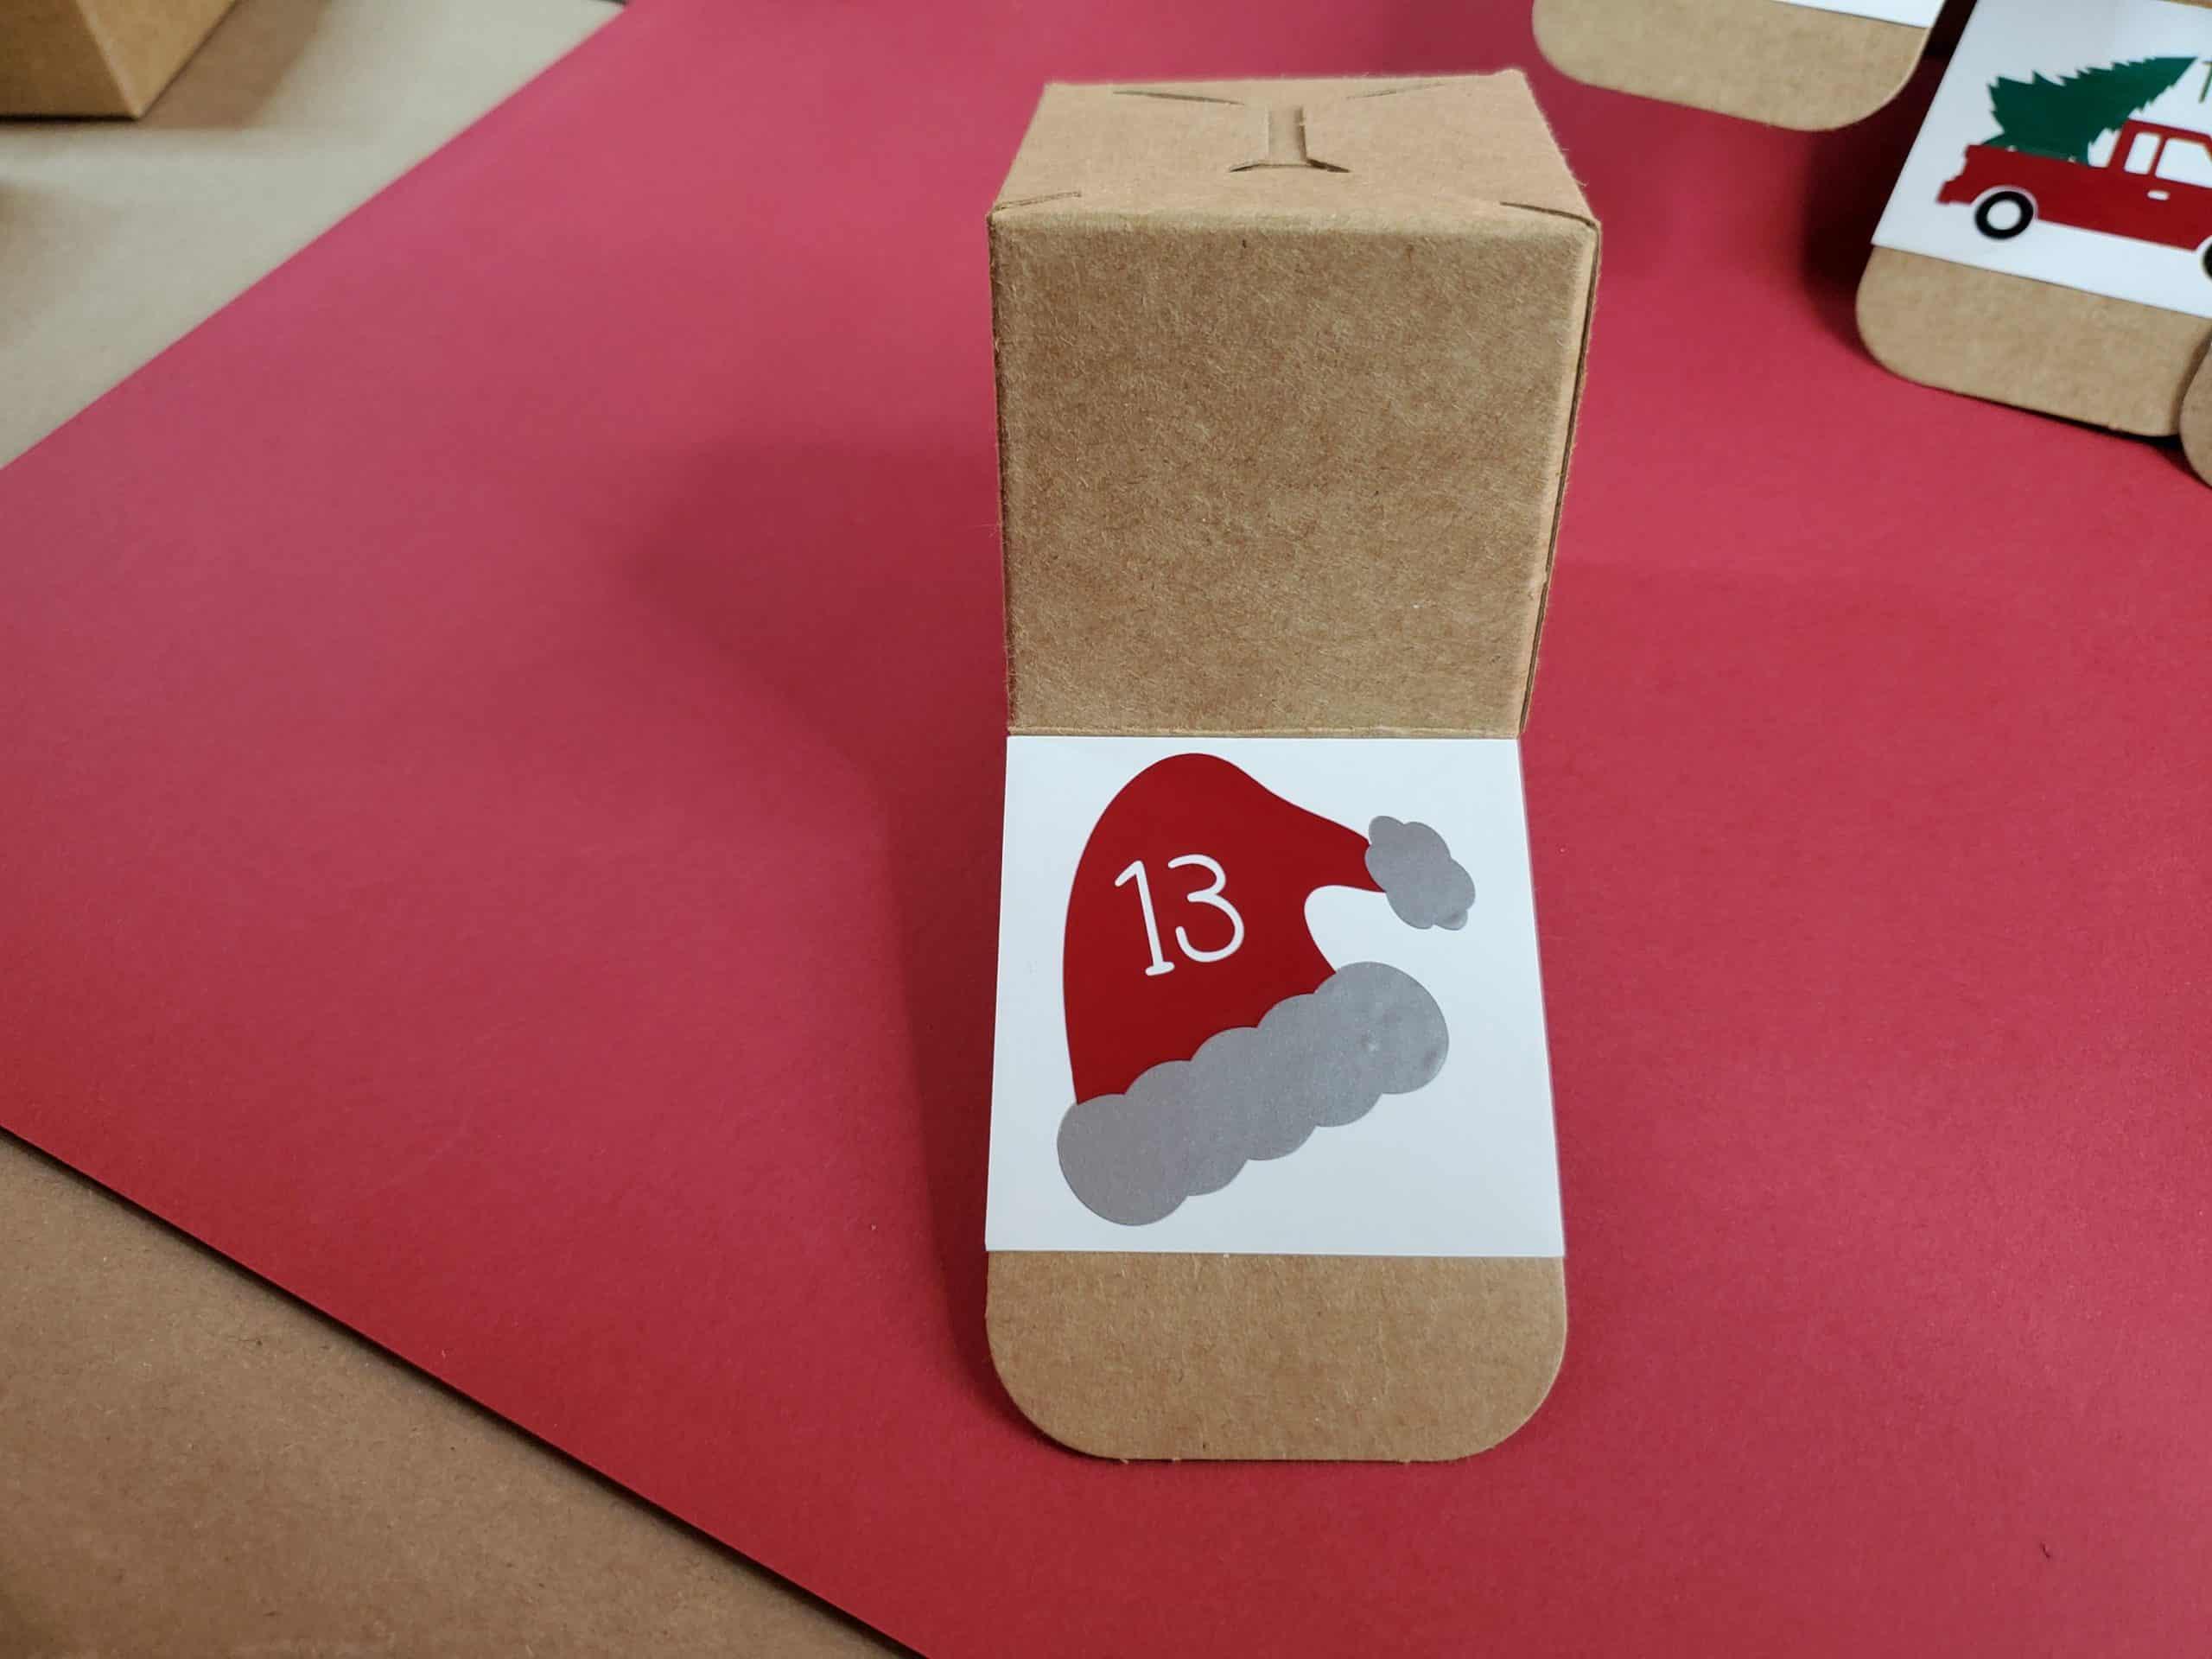 Square 13 box